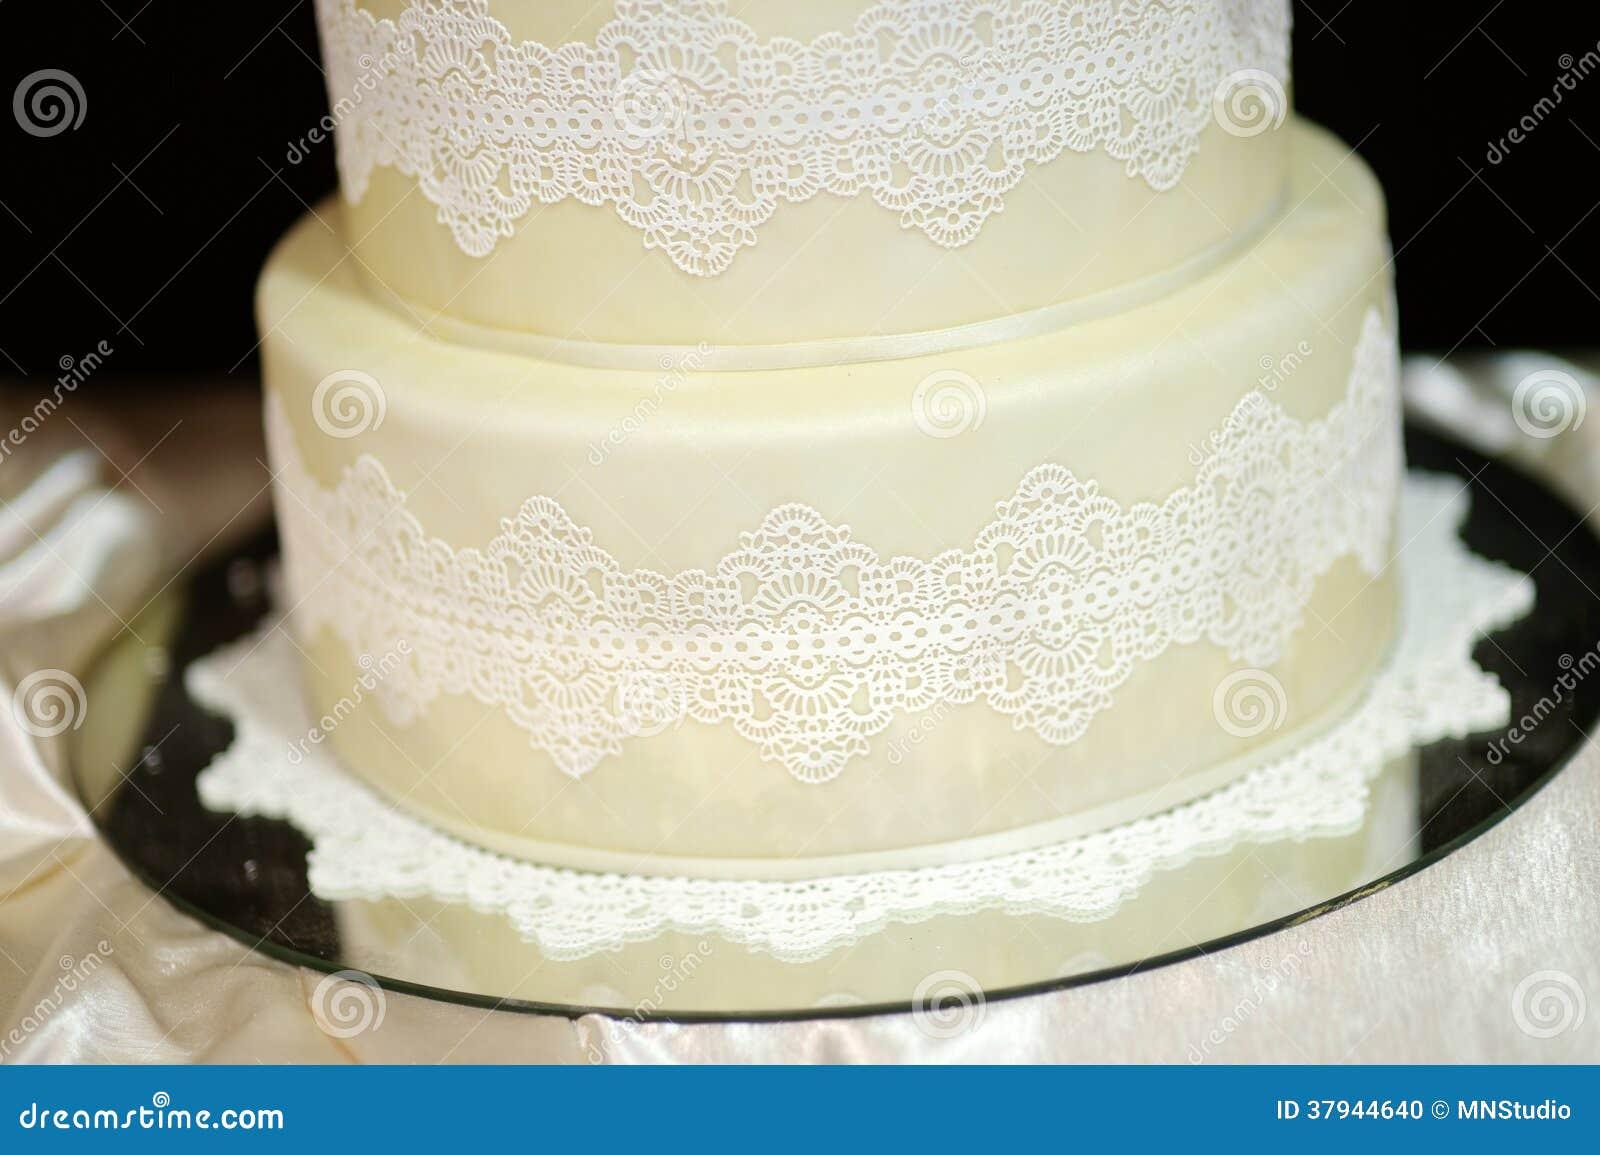 Weisse Hochzeitstorte Verziert Mit Weisser Spitze Stockfoto Bild Von